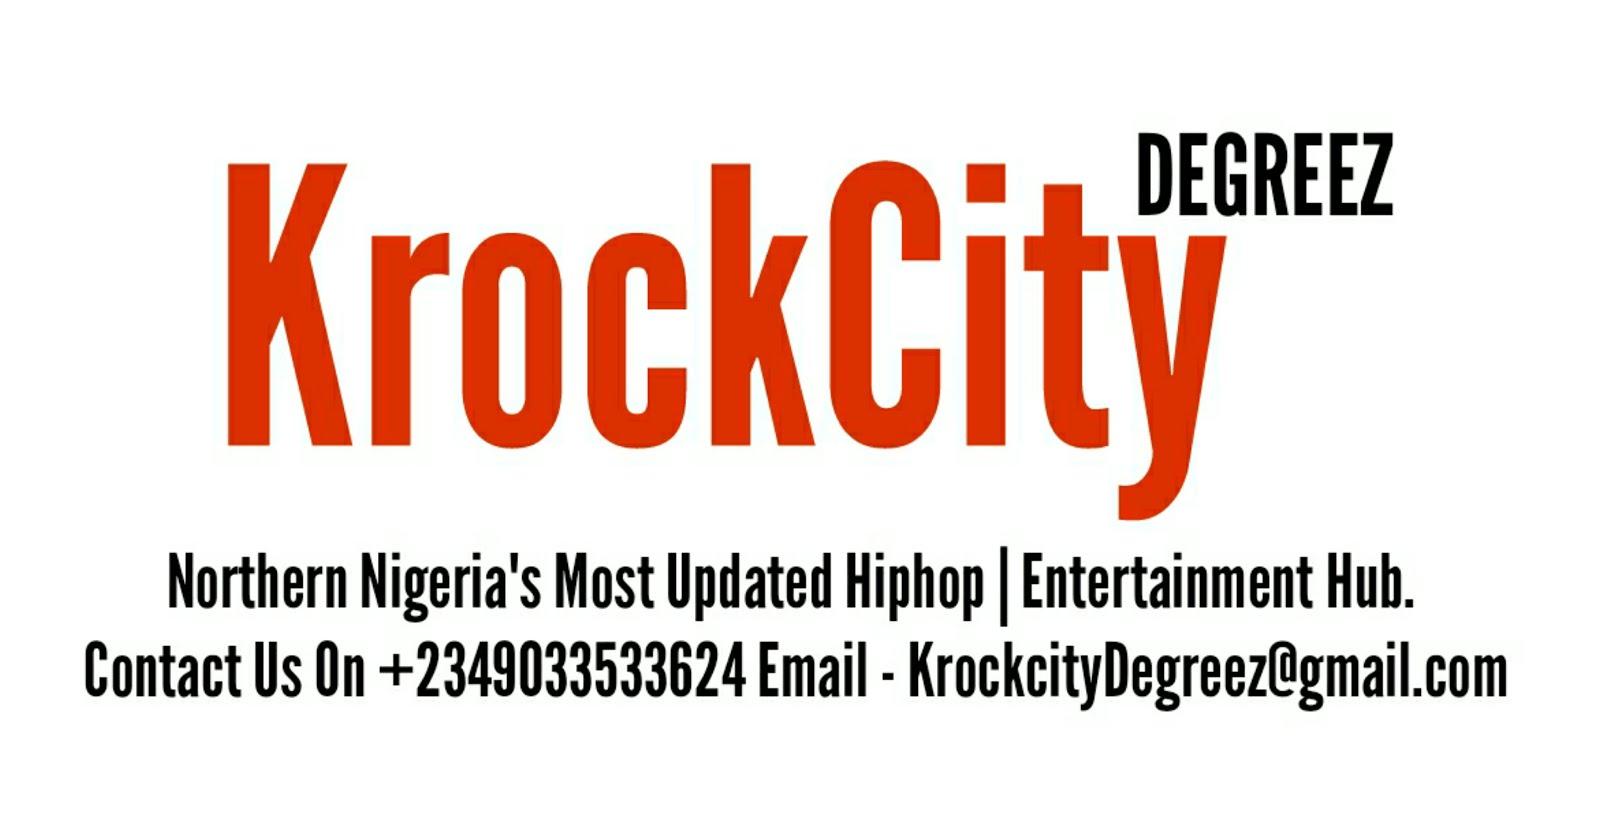 KrockCity DegreeZ